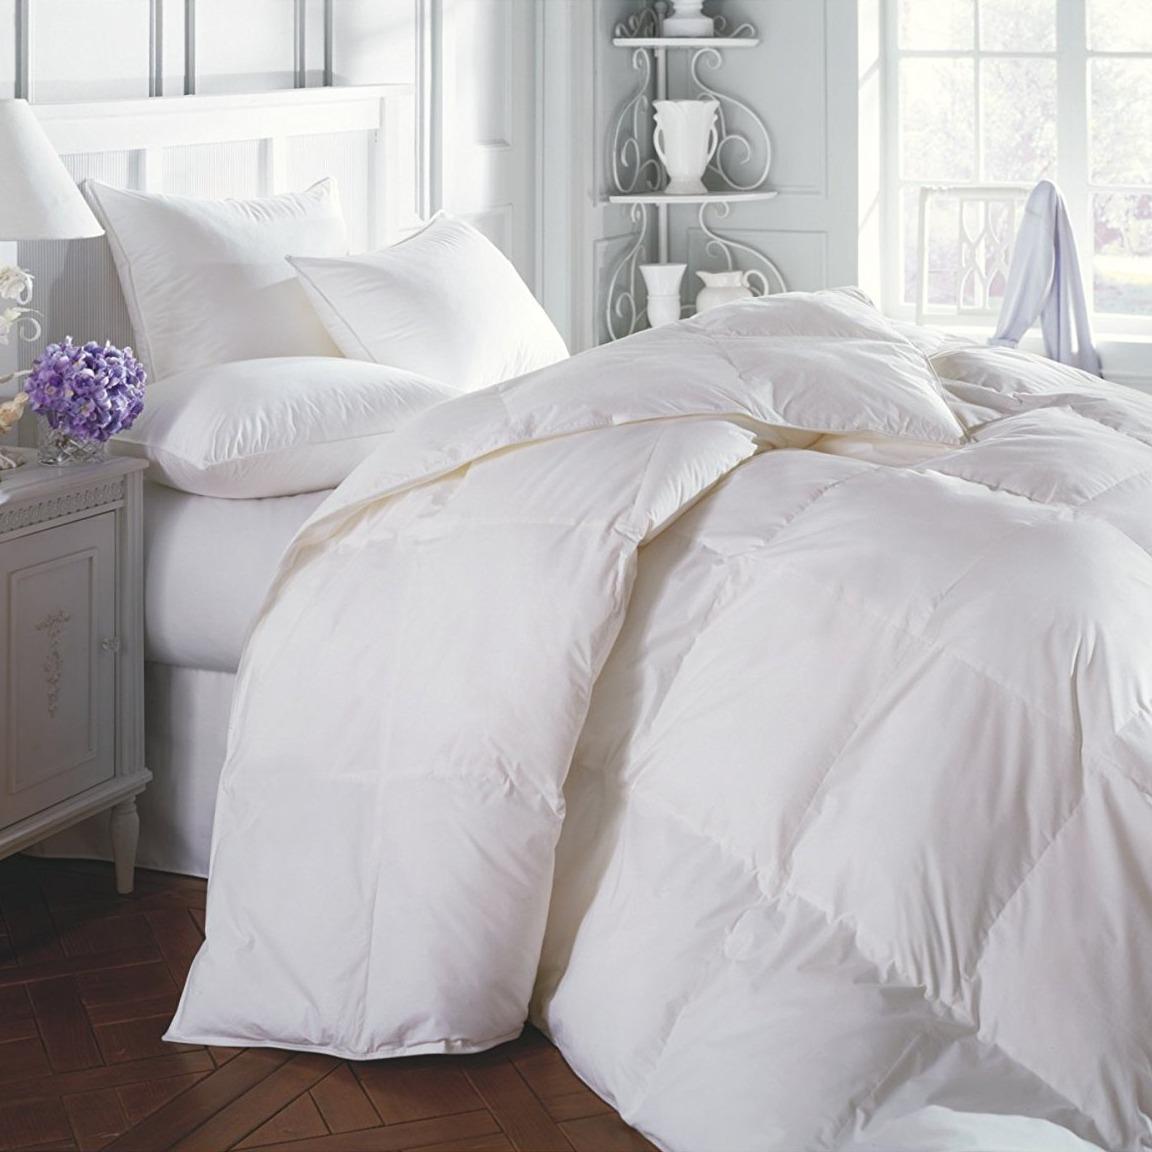 Acolchado Edredon King Size 2x2 100% Plumon Duvet Premium